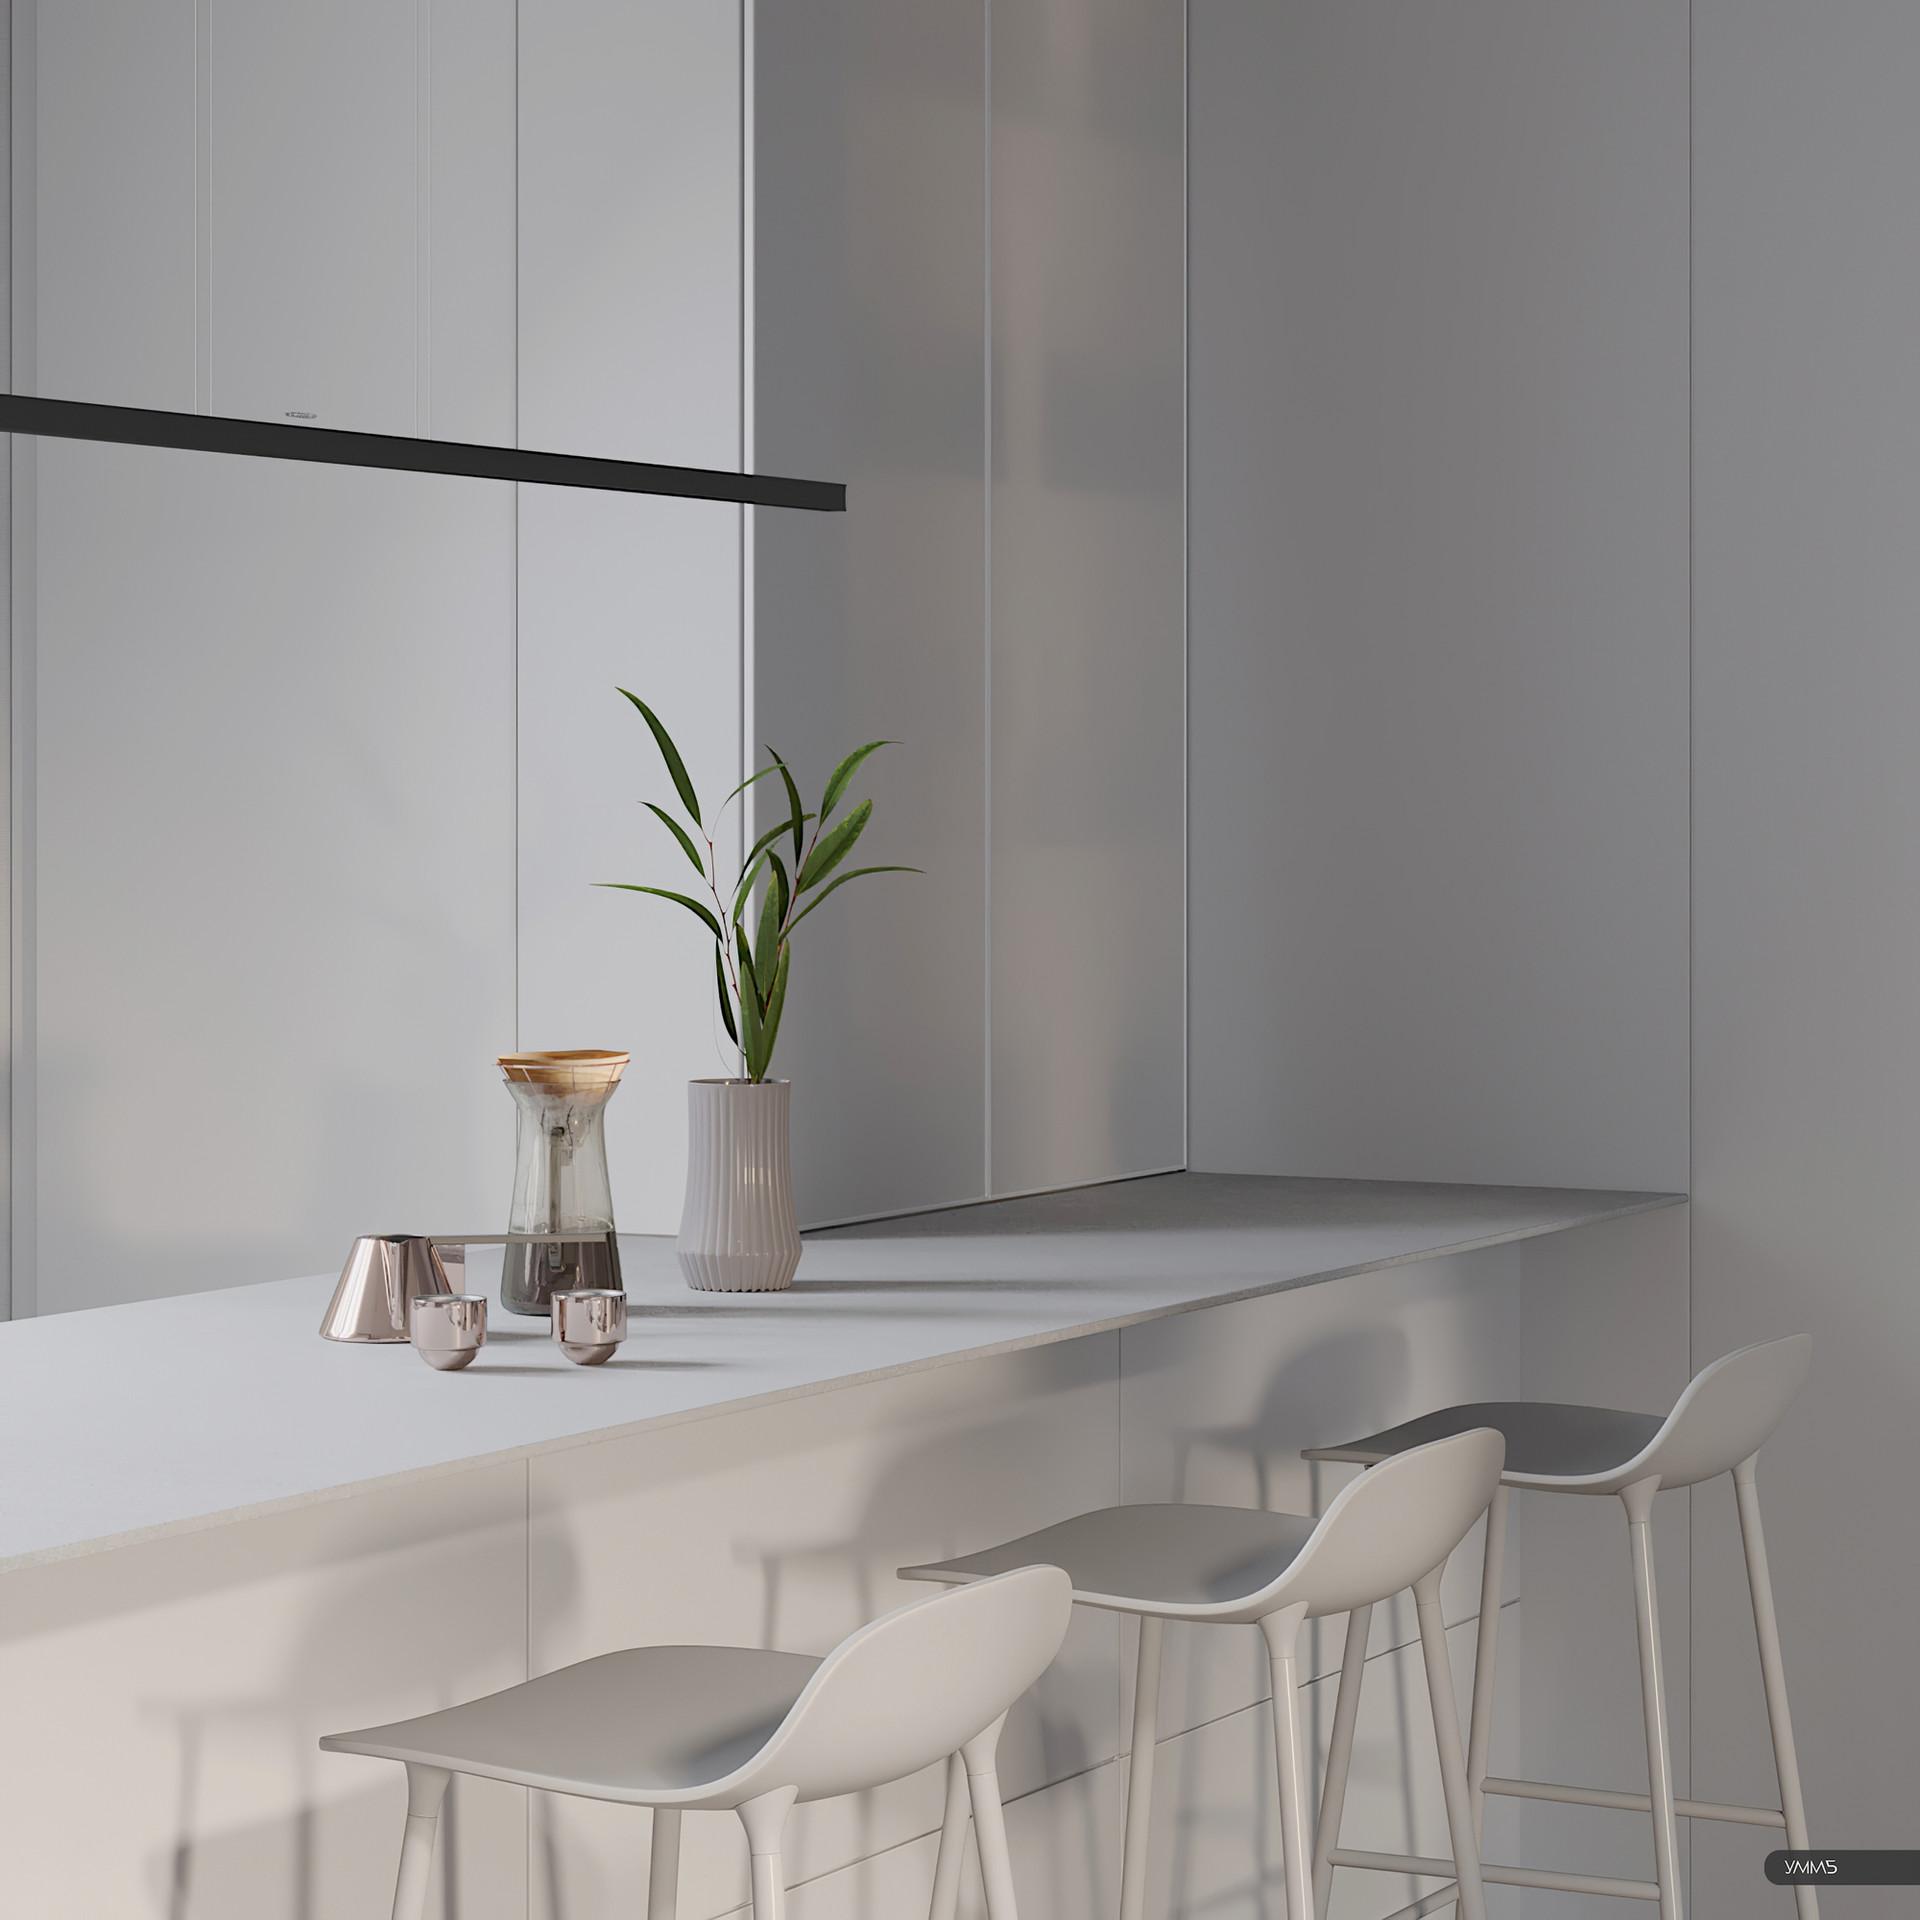 кухня, дизайн кухни, интерьер кухни, современный интерьер кухни, современный дизайн кухни, современный интерьер, дизайн интерьера, дизайн, интерьер, дизайн интерьера калининград, калининград, умм5, umm5, modern interior, modern kitchen, design interior, interior design, светлогорск, светлая кухня, светлый дизайн, светлый интерьер